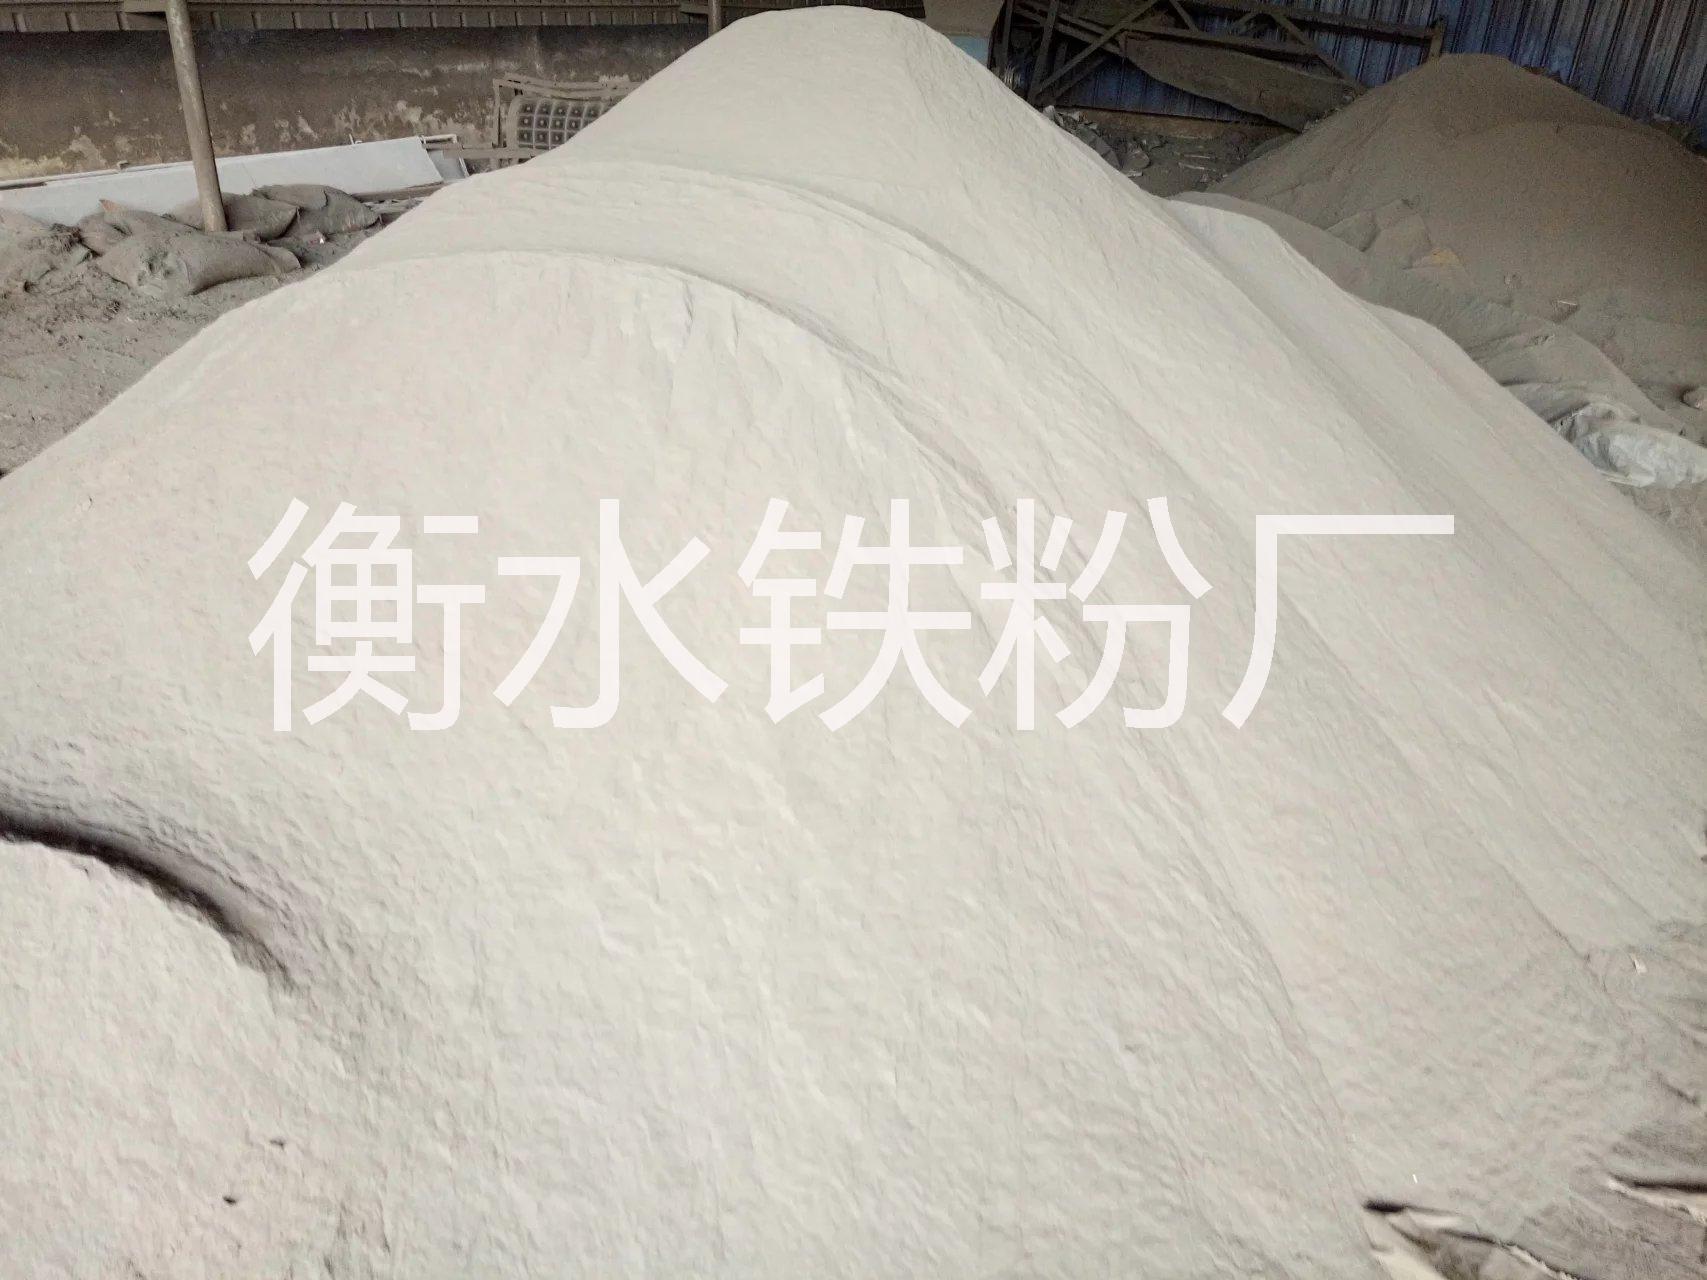 供应用于化工染料中间体置换的生铁粉 含铁高 目数全 生铁粉 污水处理铁粉 还原铁粉